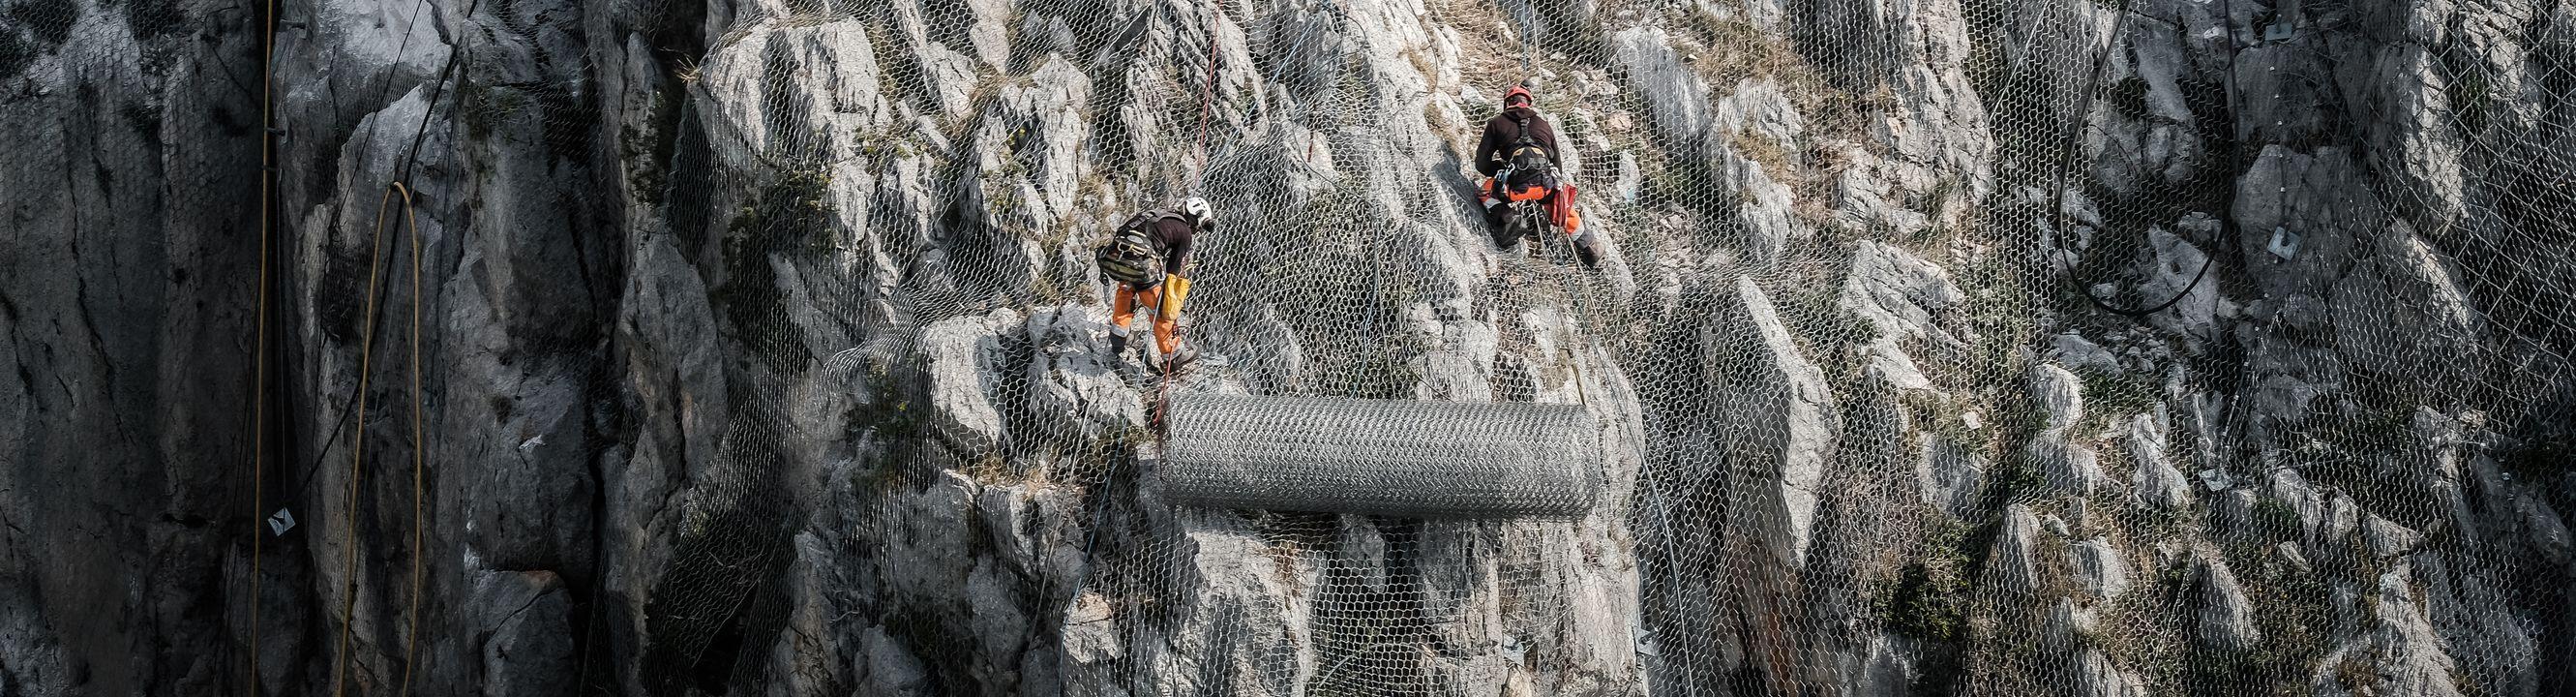 technicien cordiste tp purge confortement forage cluses haute savoie travaux acrobatiques